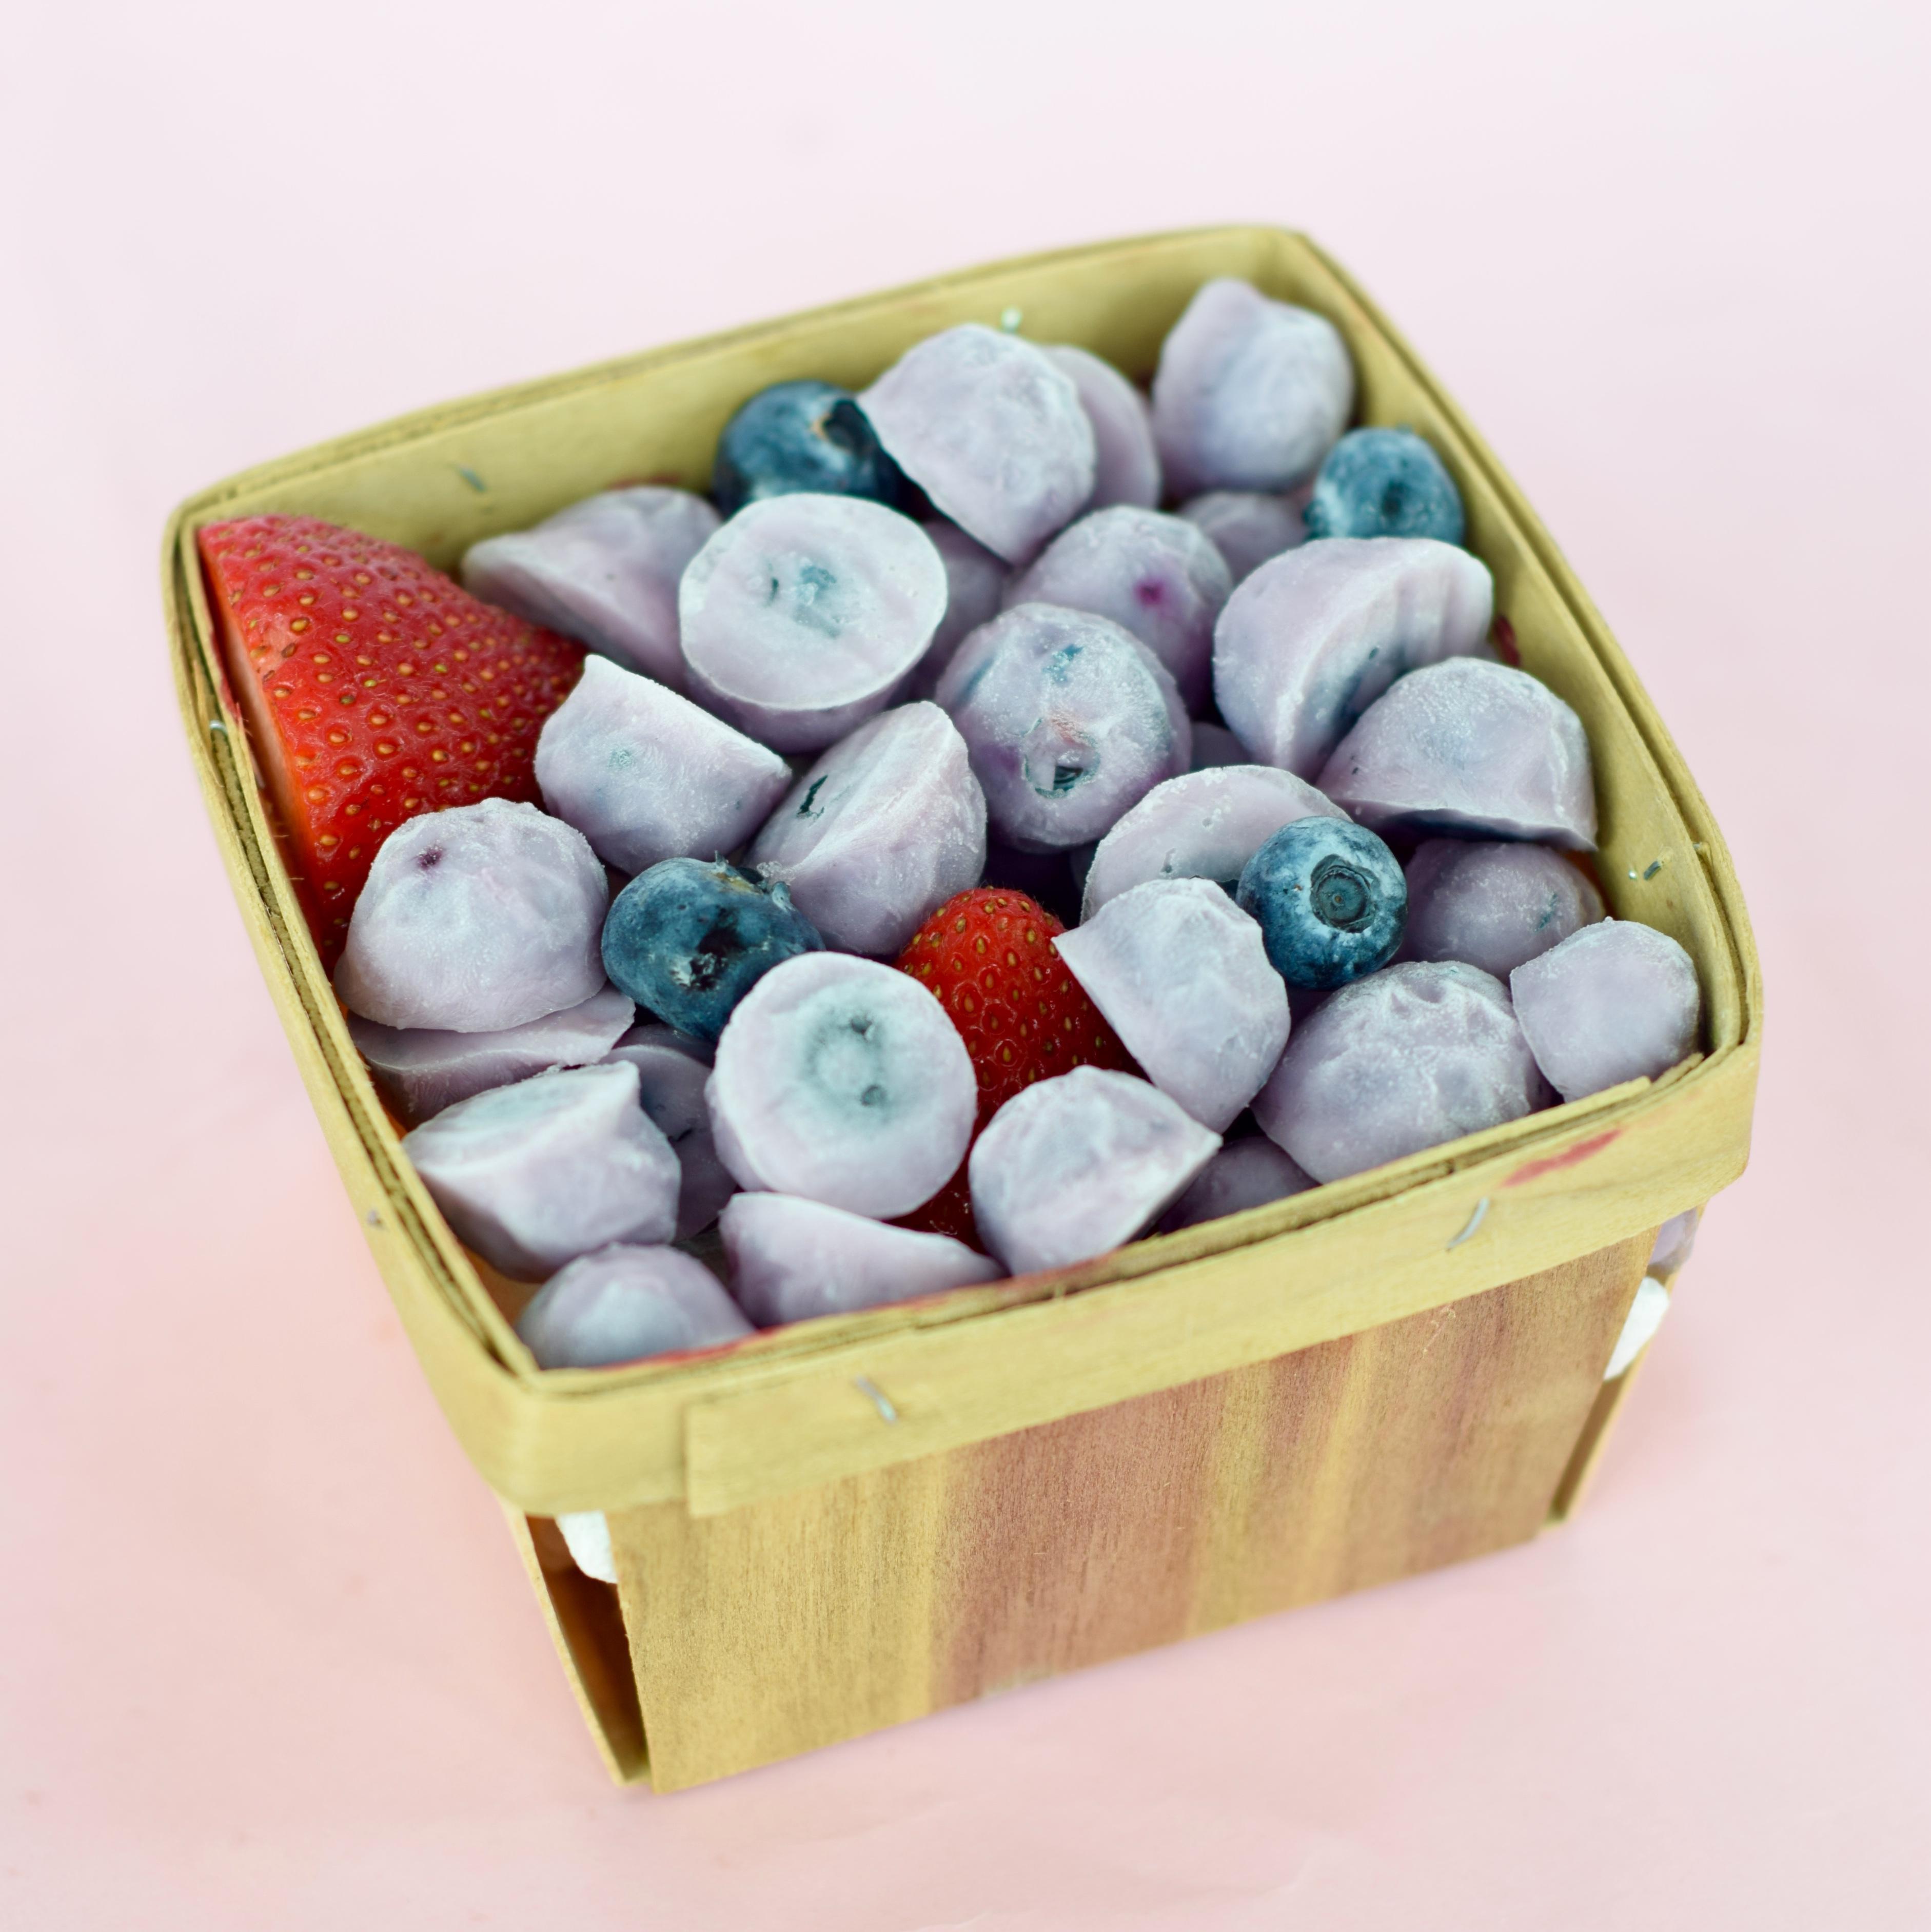 Yogurt Covered Berries Recipe